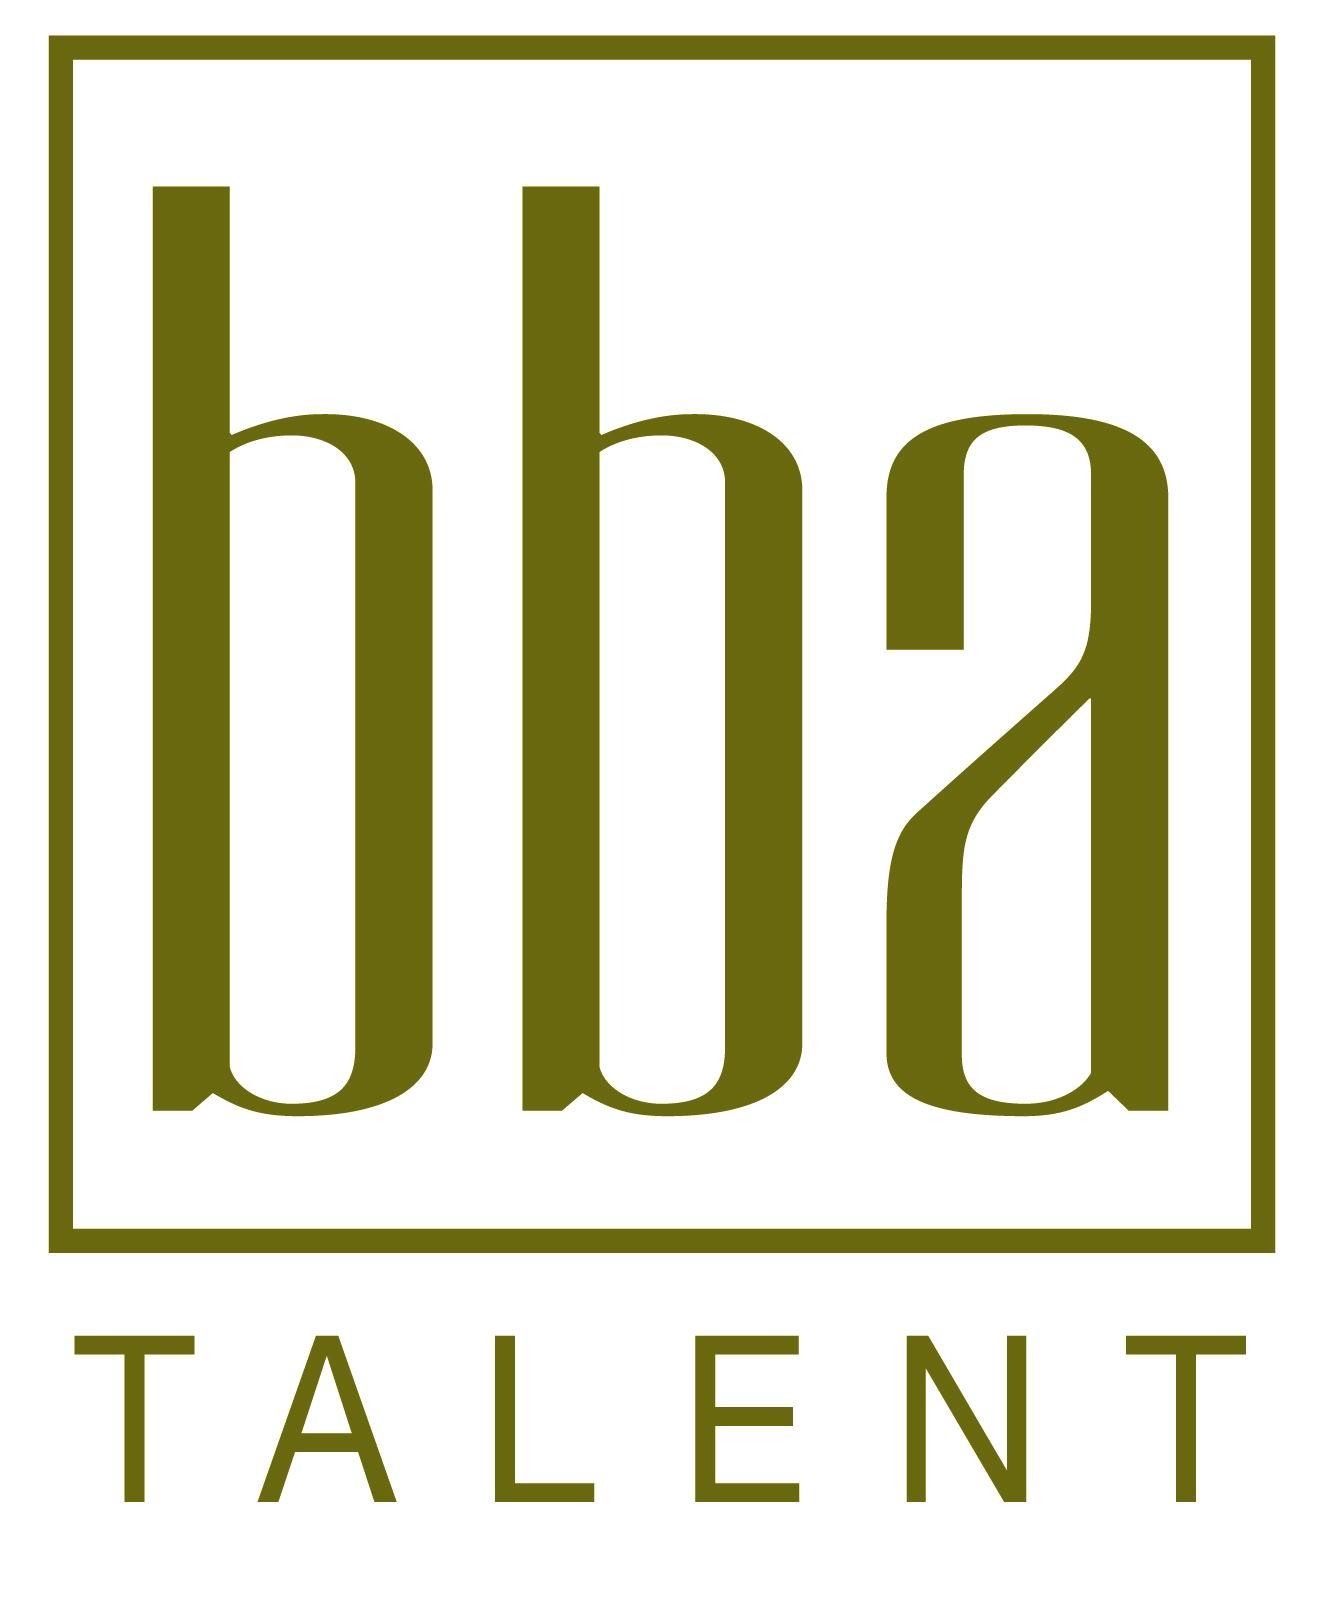 talent_logo-green-hi-res